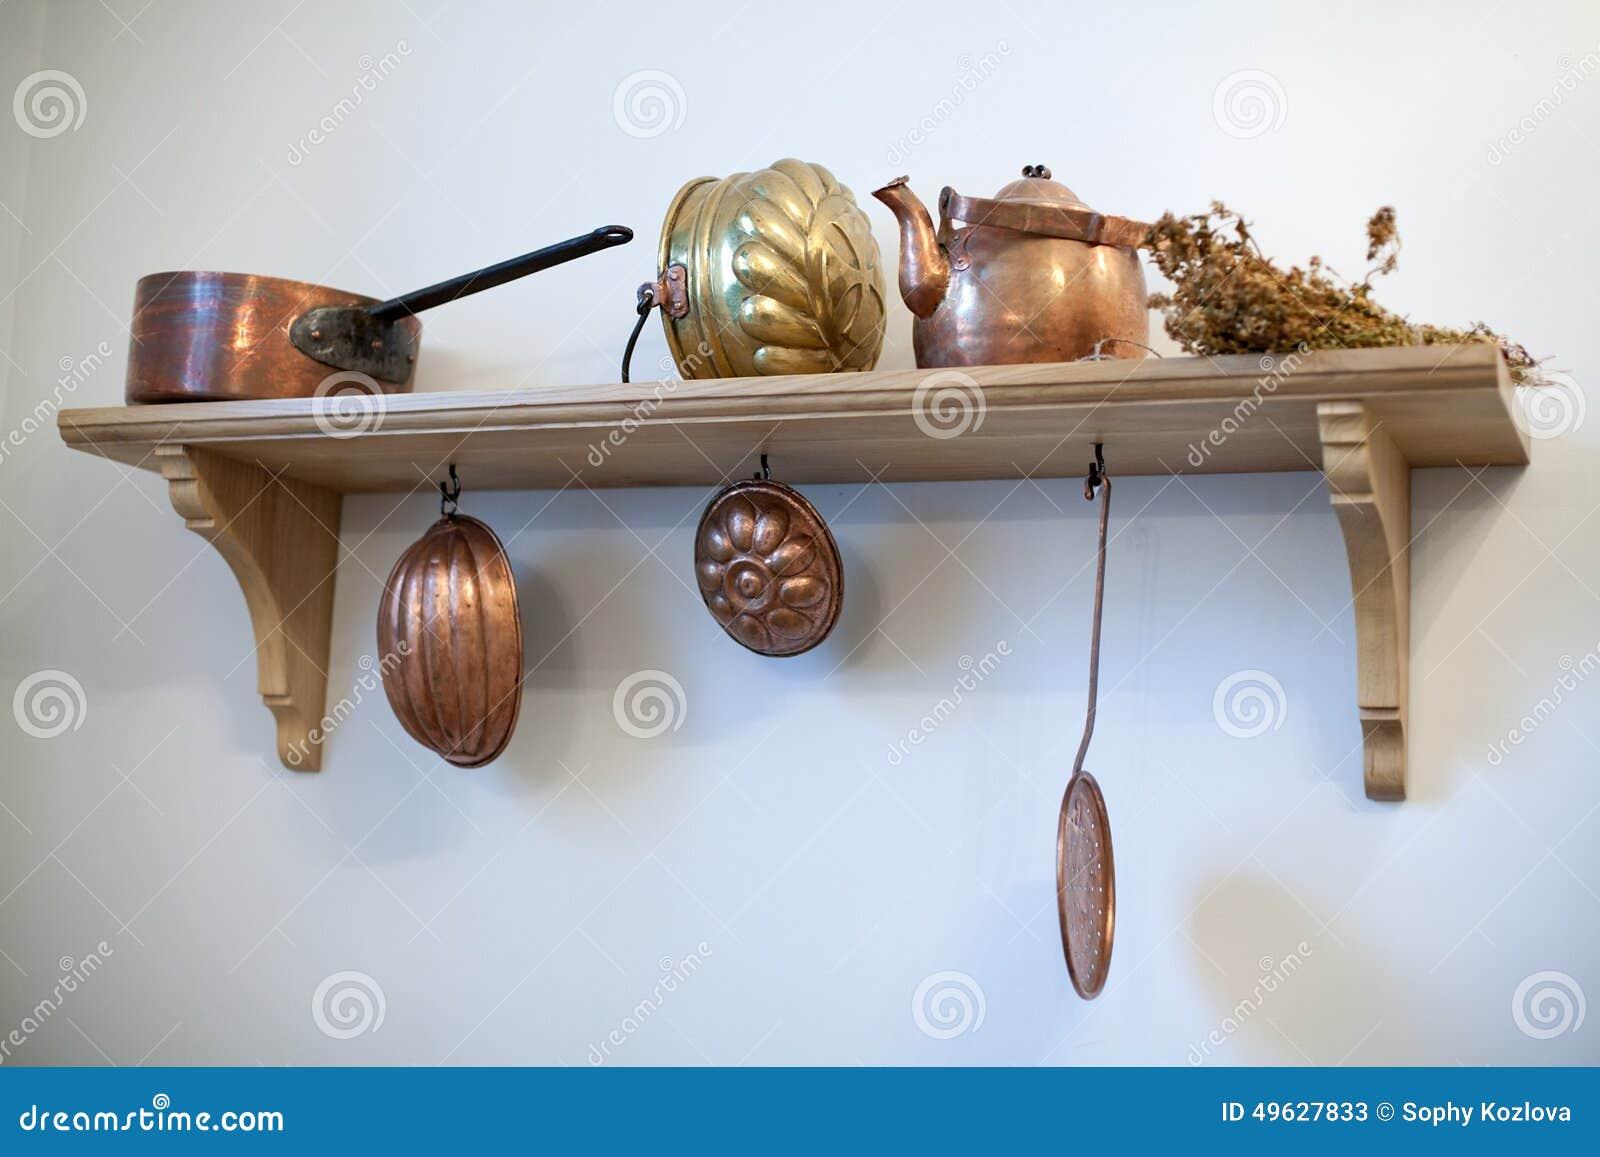 Tag re de cuisine avec de vieux ustensiles de cuivre for Vieux ustensiles de cuisine